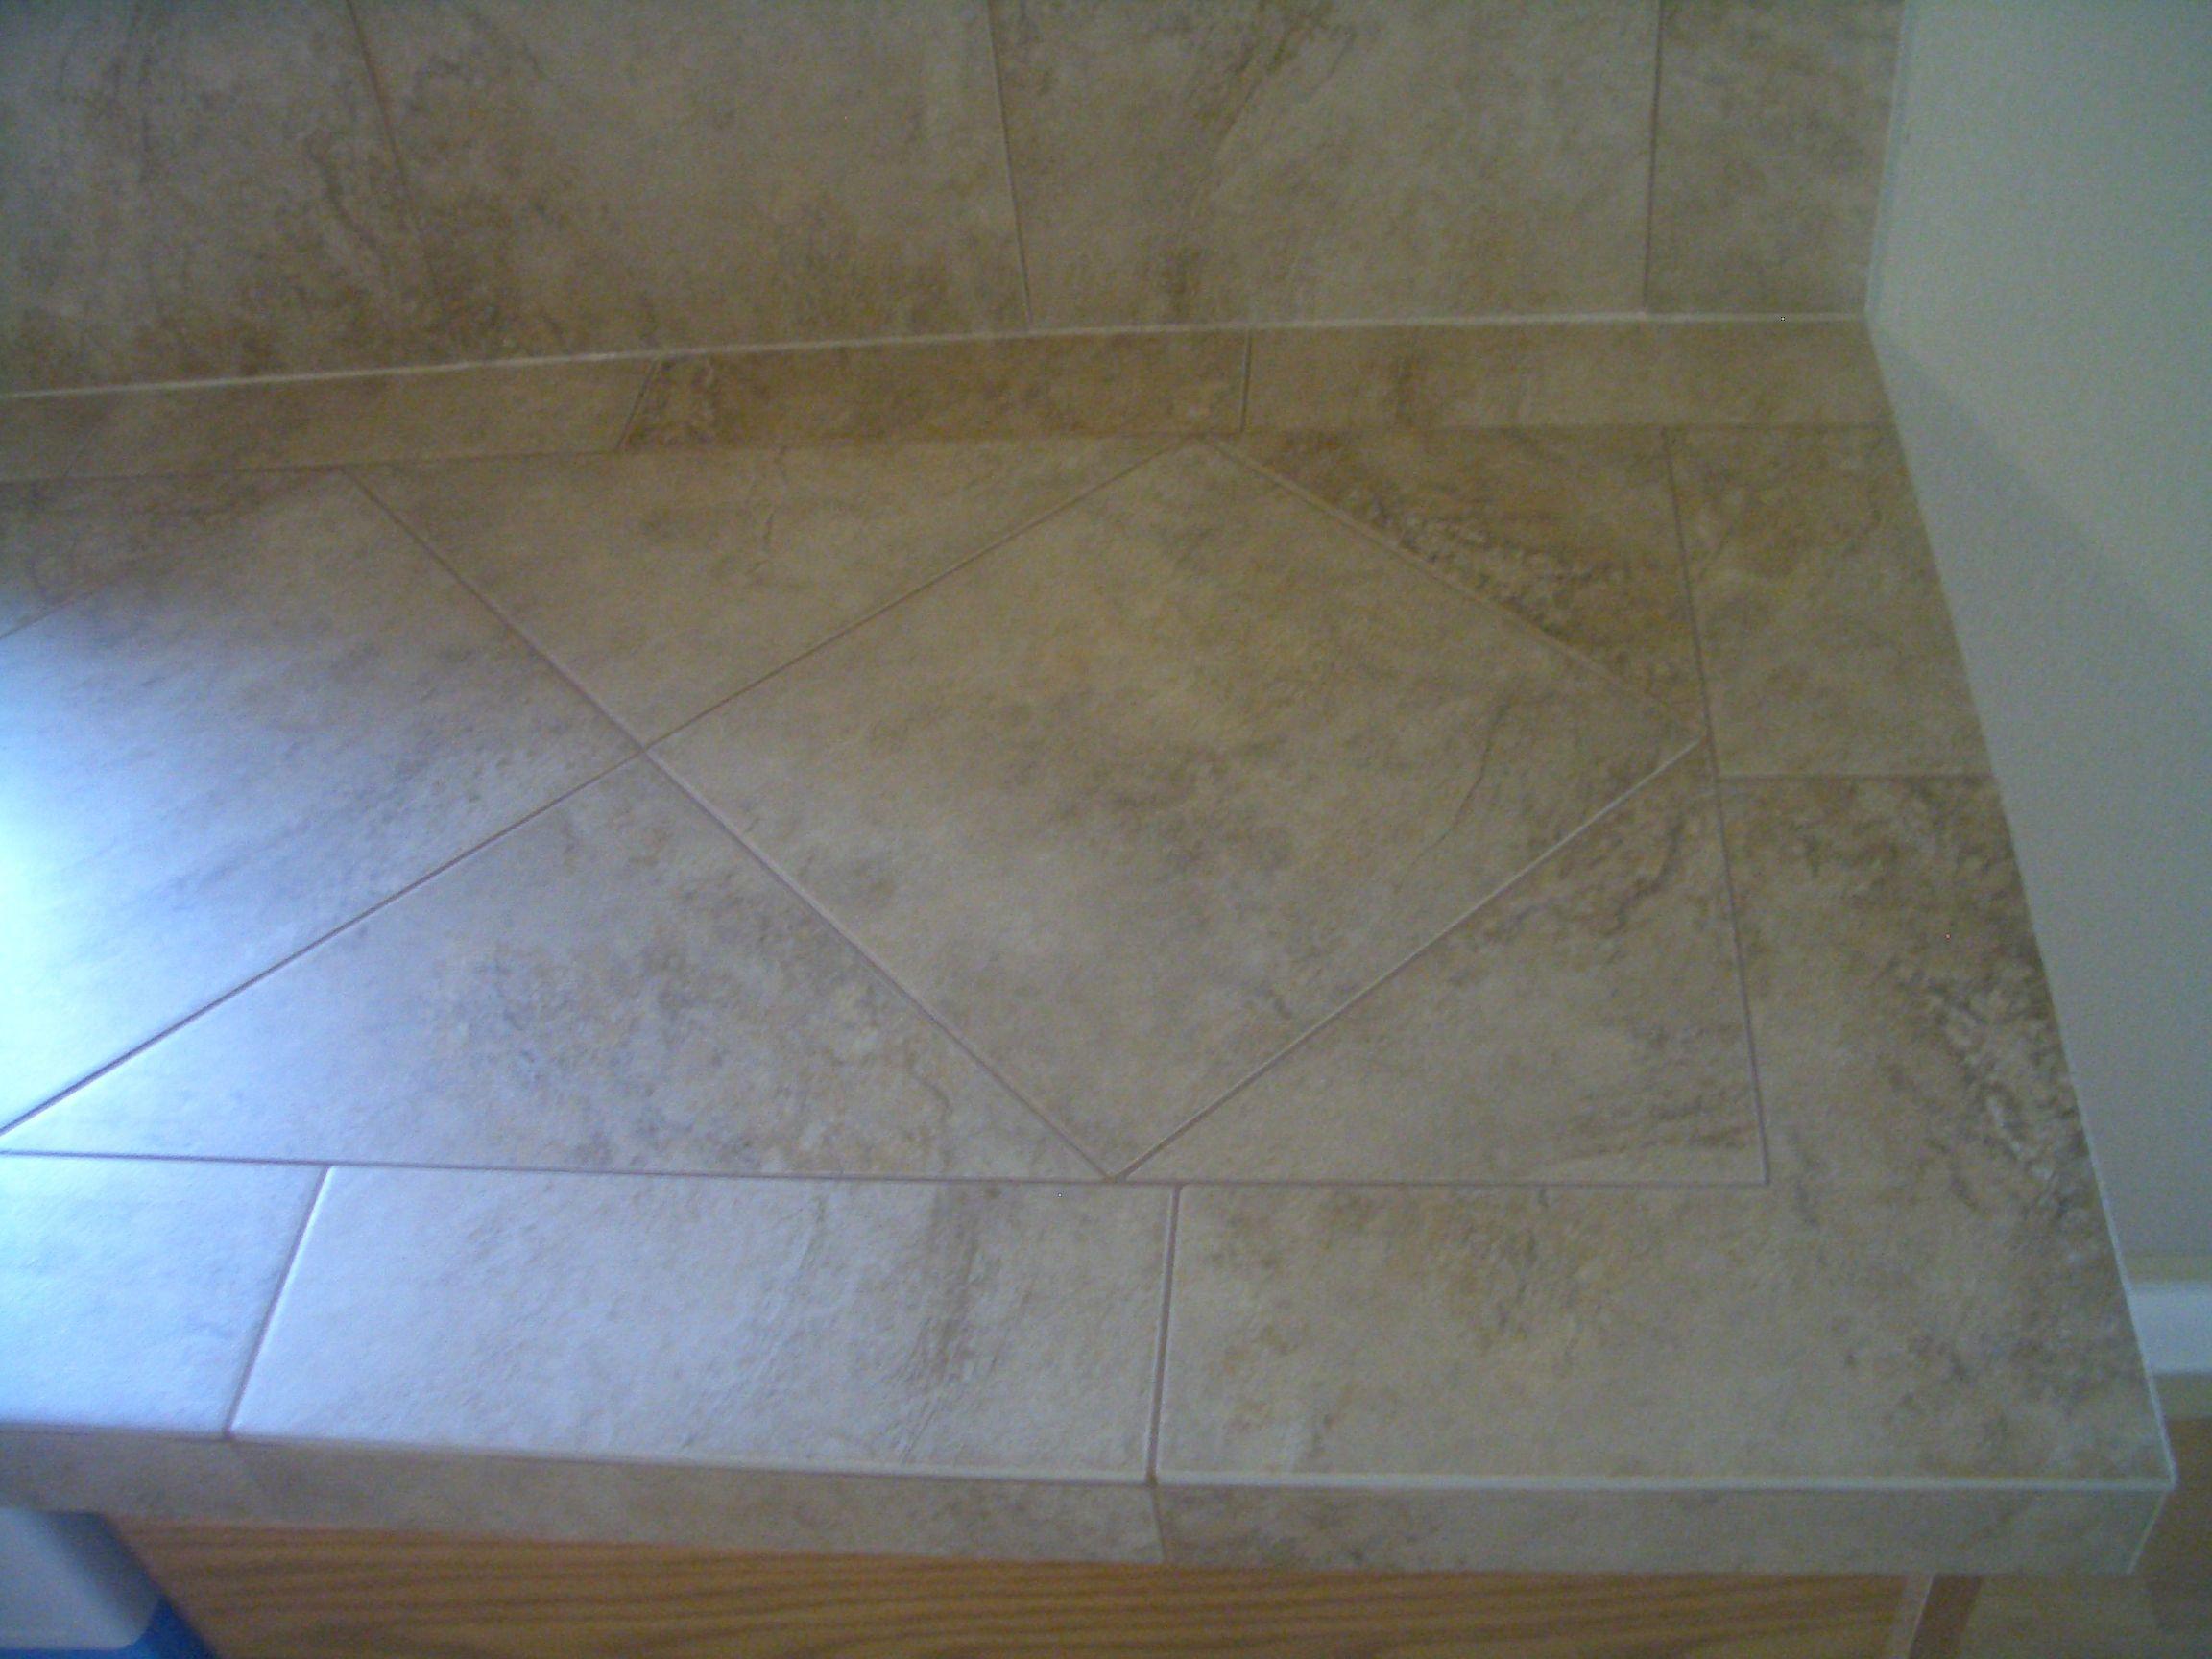 Porcelain tile backsplash gallery just finished up a ceramic tile